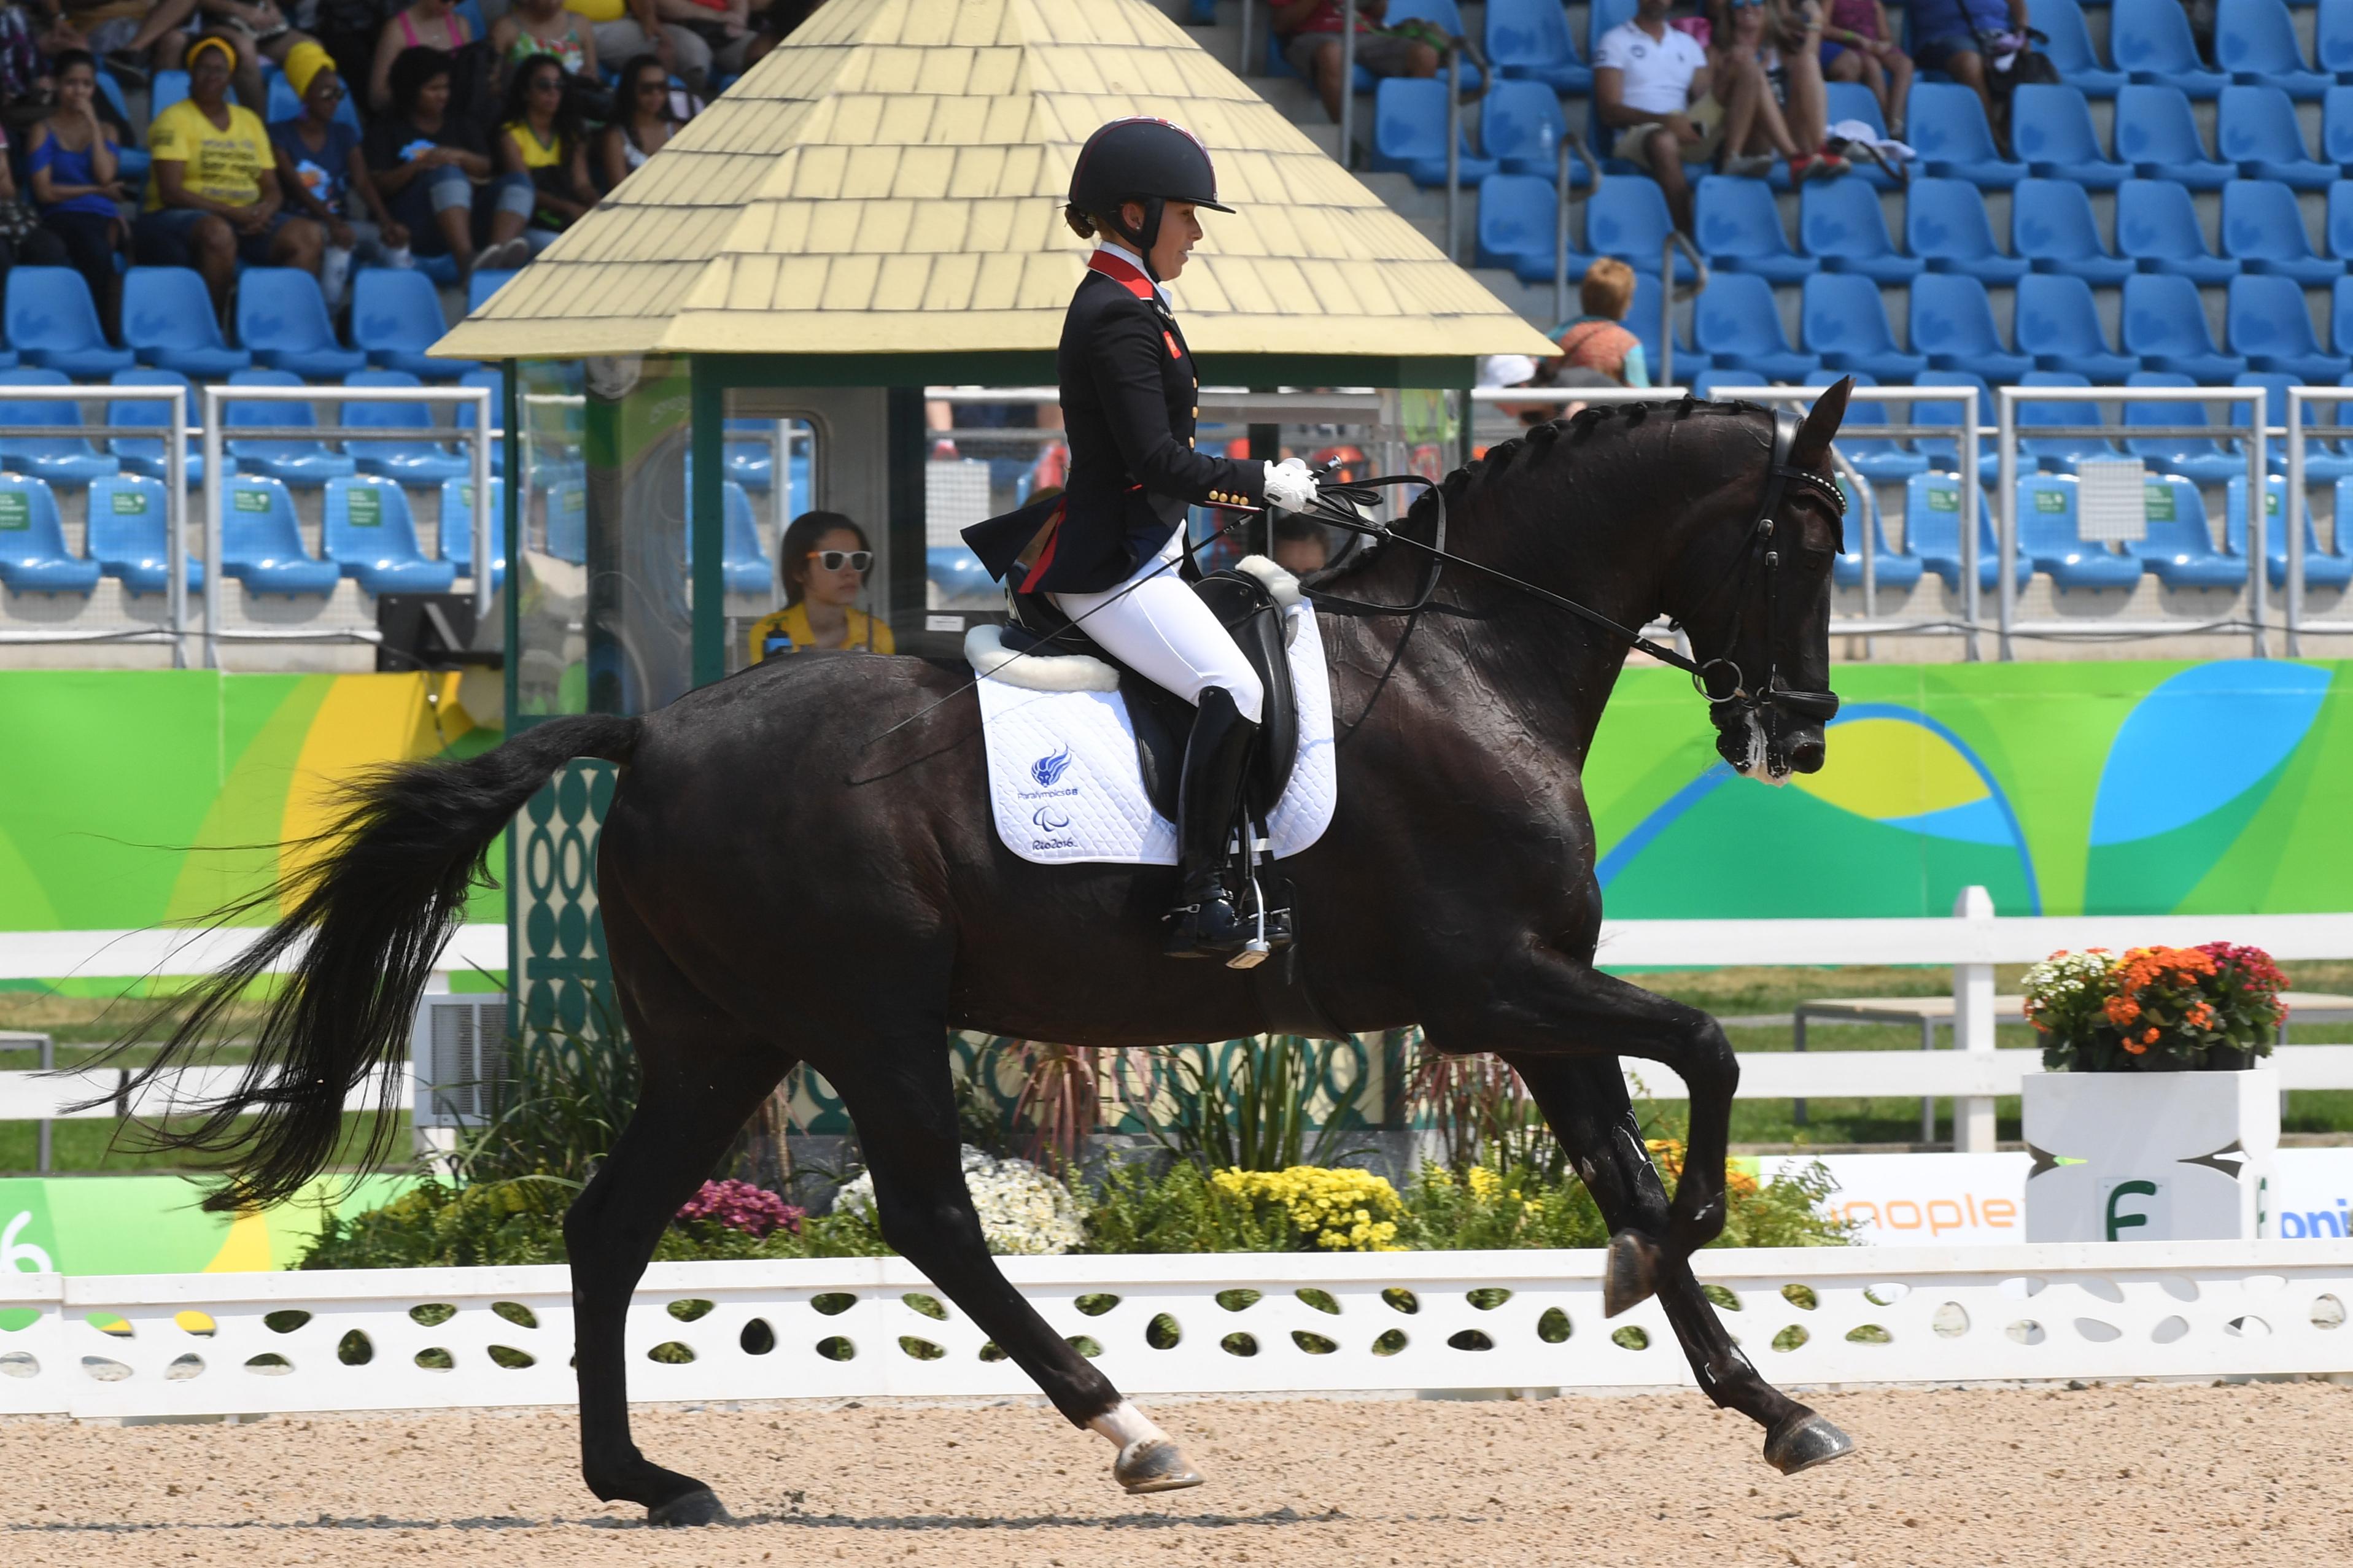 Sophie Wells rides Valerius at the Rio Paralympics